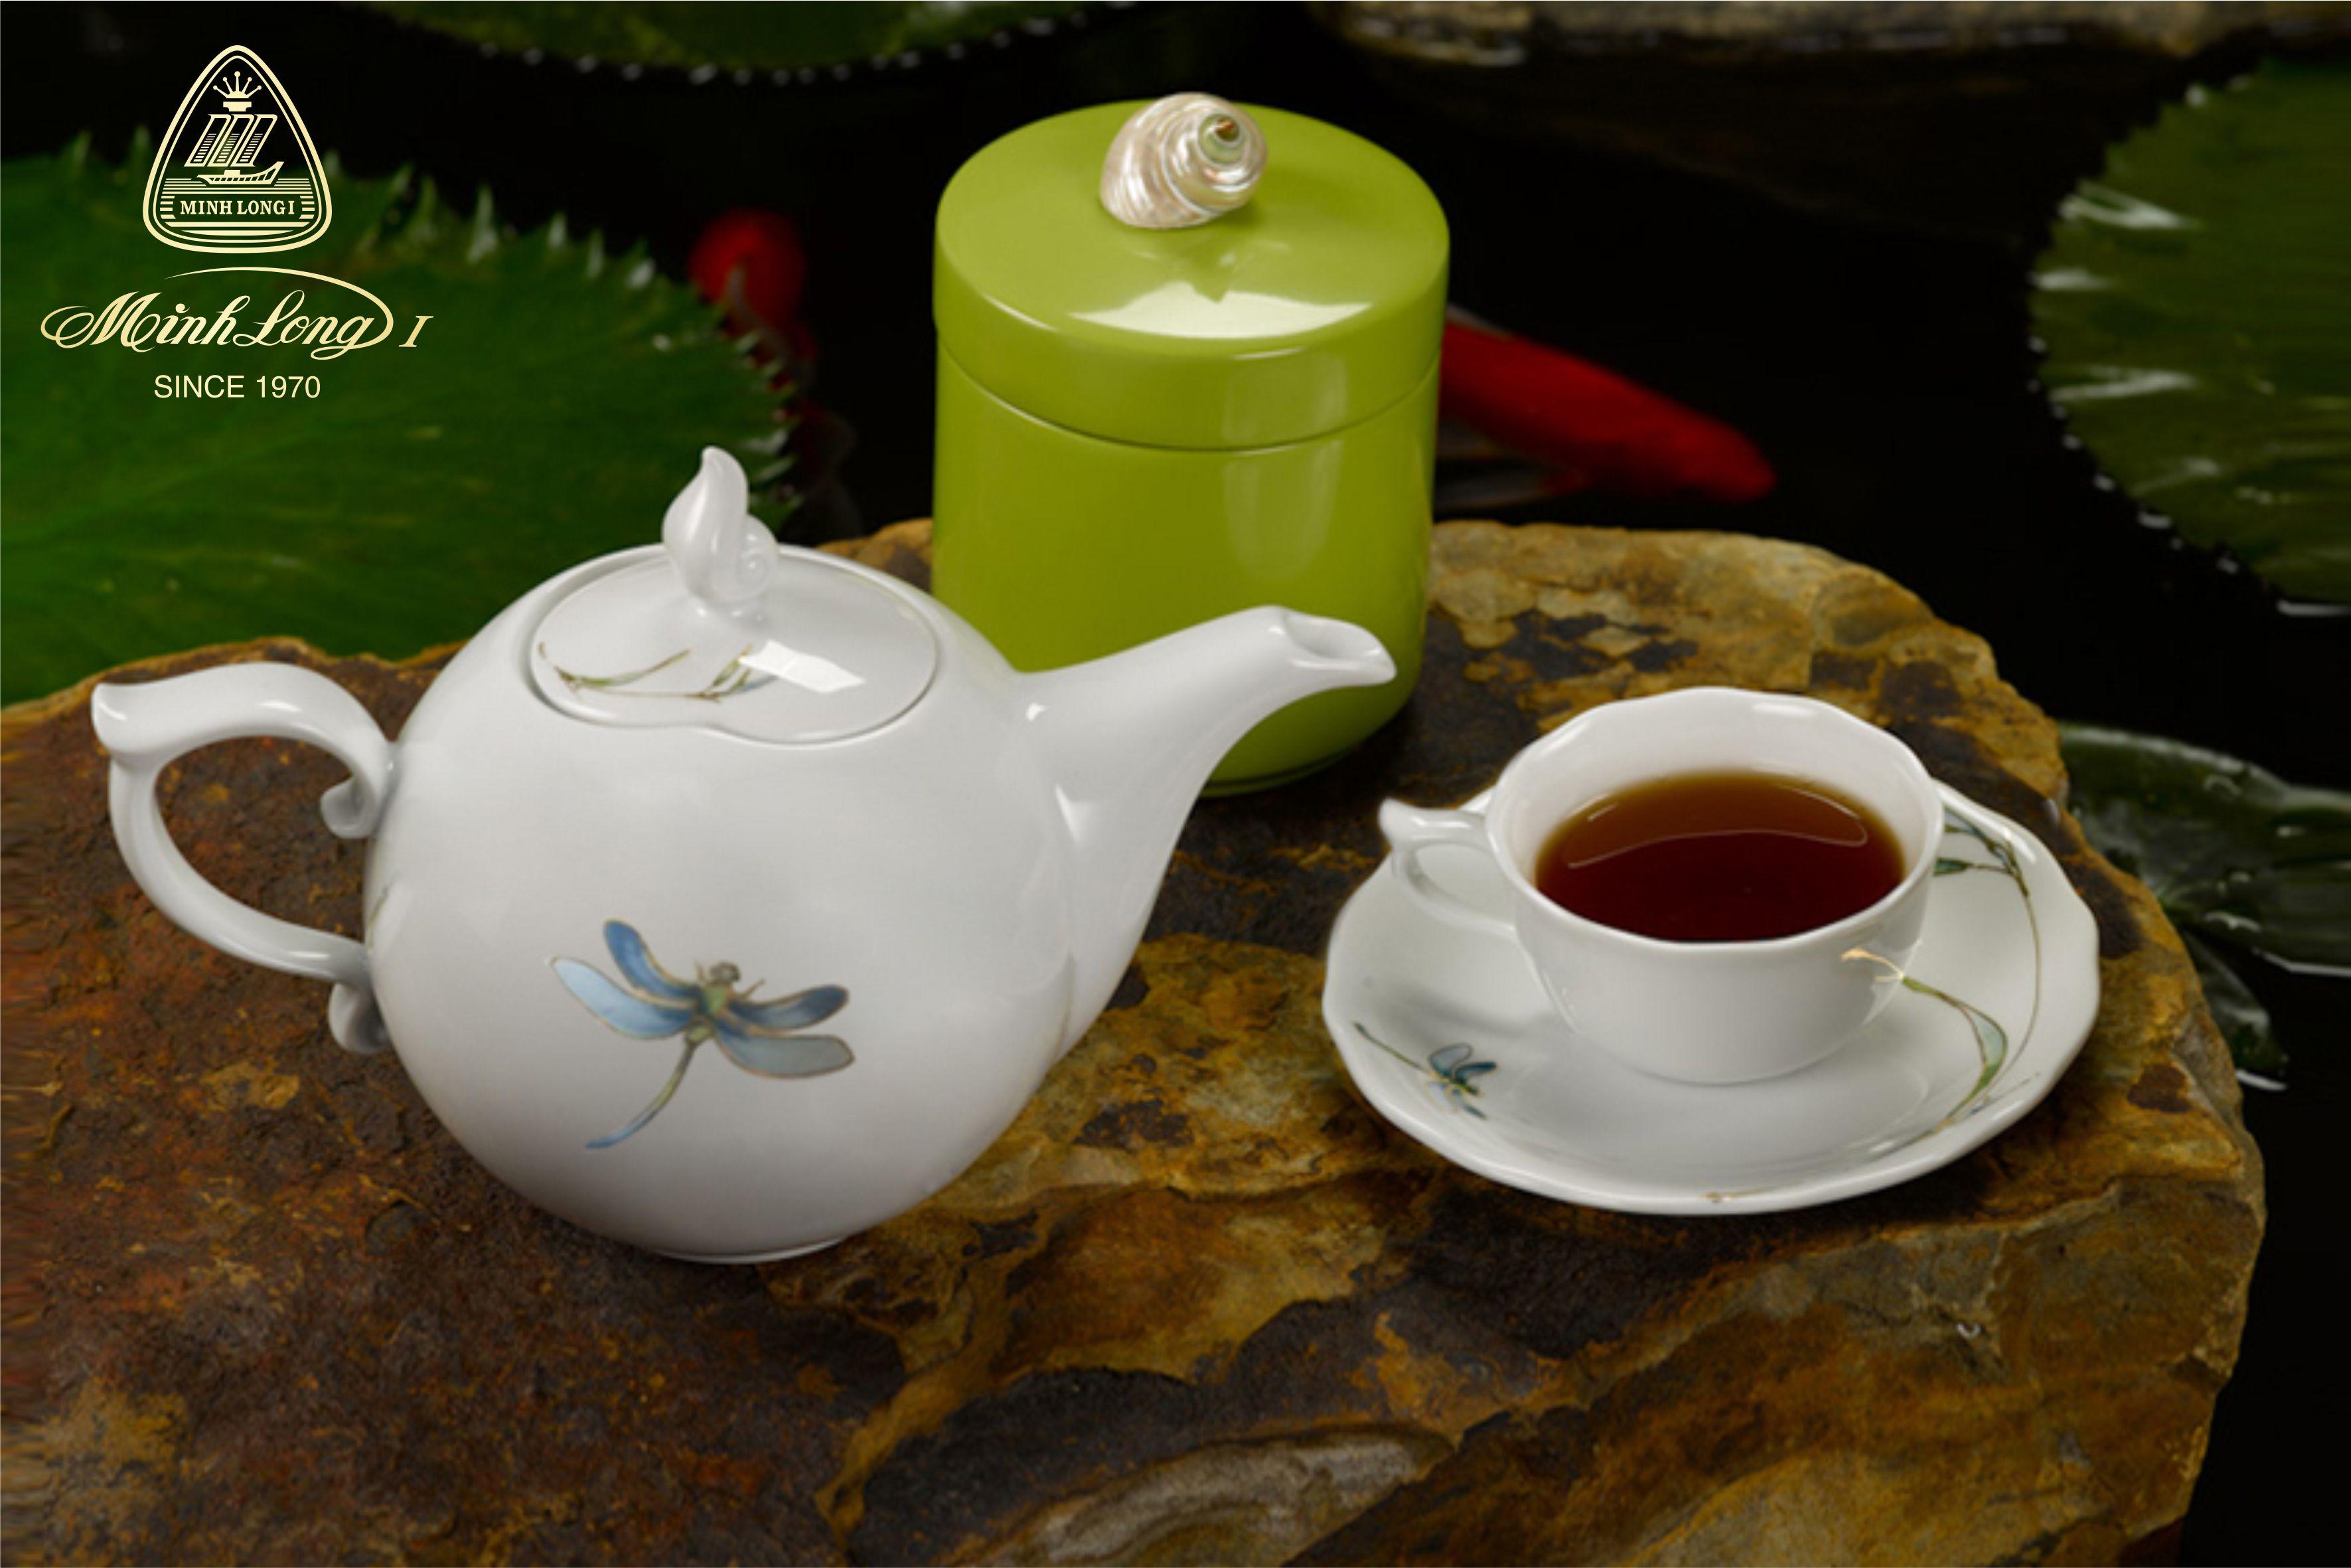 Bộ trà 0.7L Mẫu Đơn Thanh trúc 68700817603 Minh long